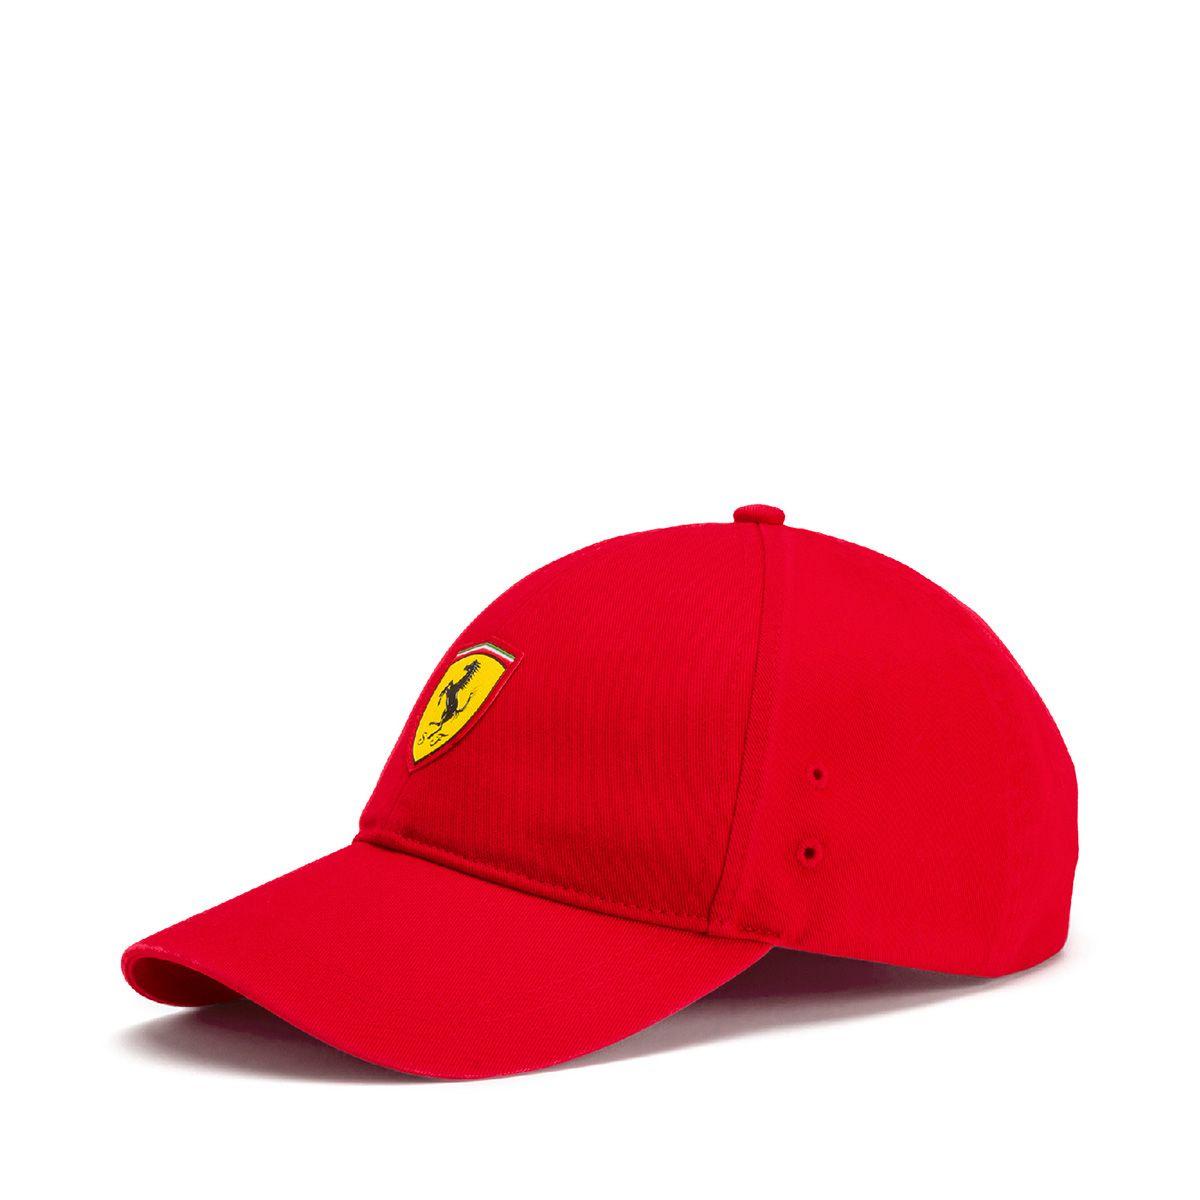 Boné Puma Scuderia Ferrari Aba Curva Fanwear BB Masculino - Compre Agora  19dbff91f53